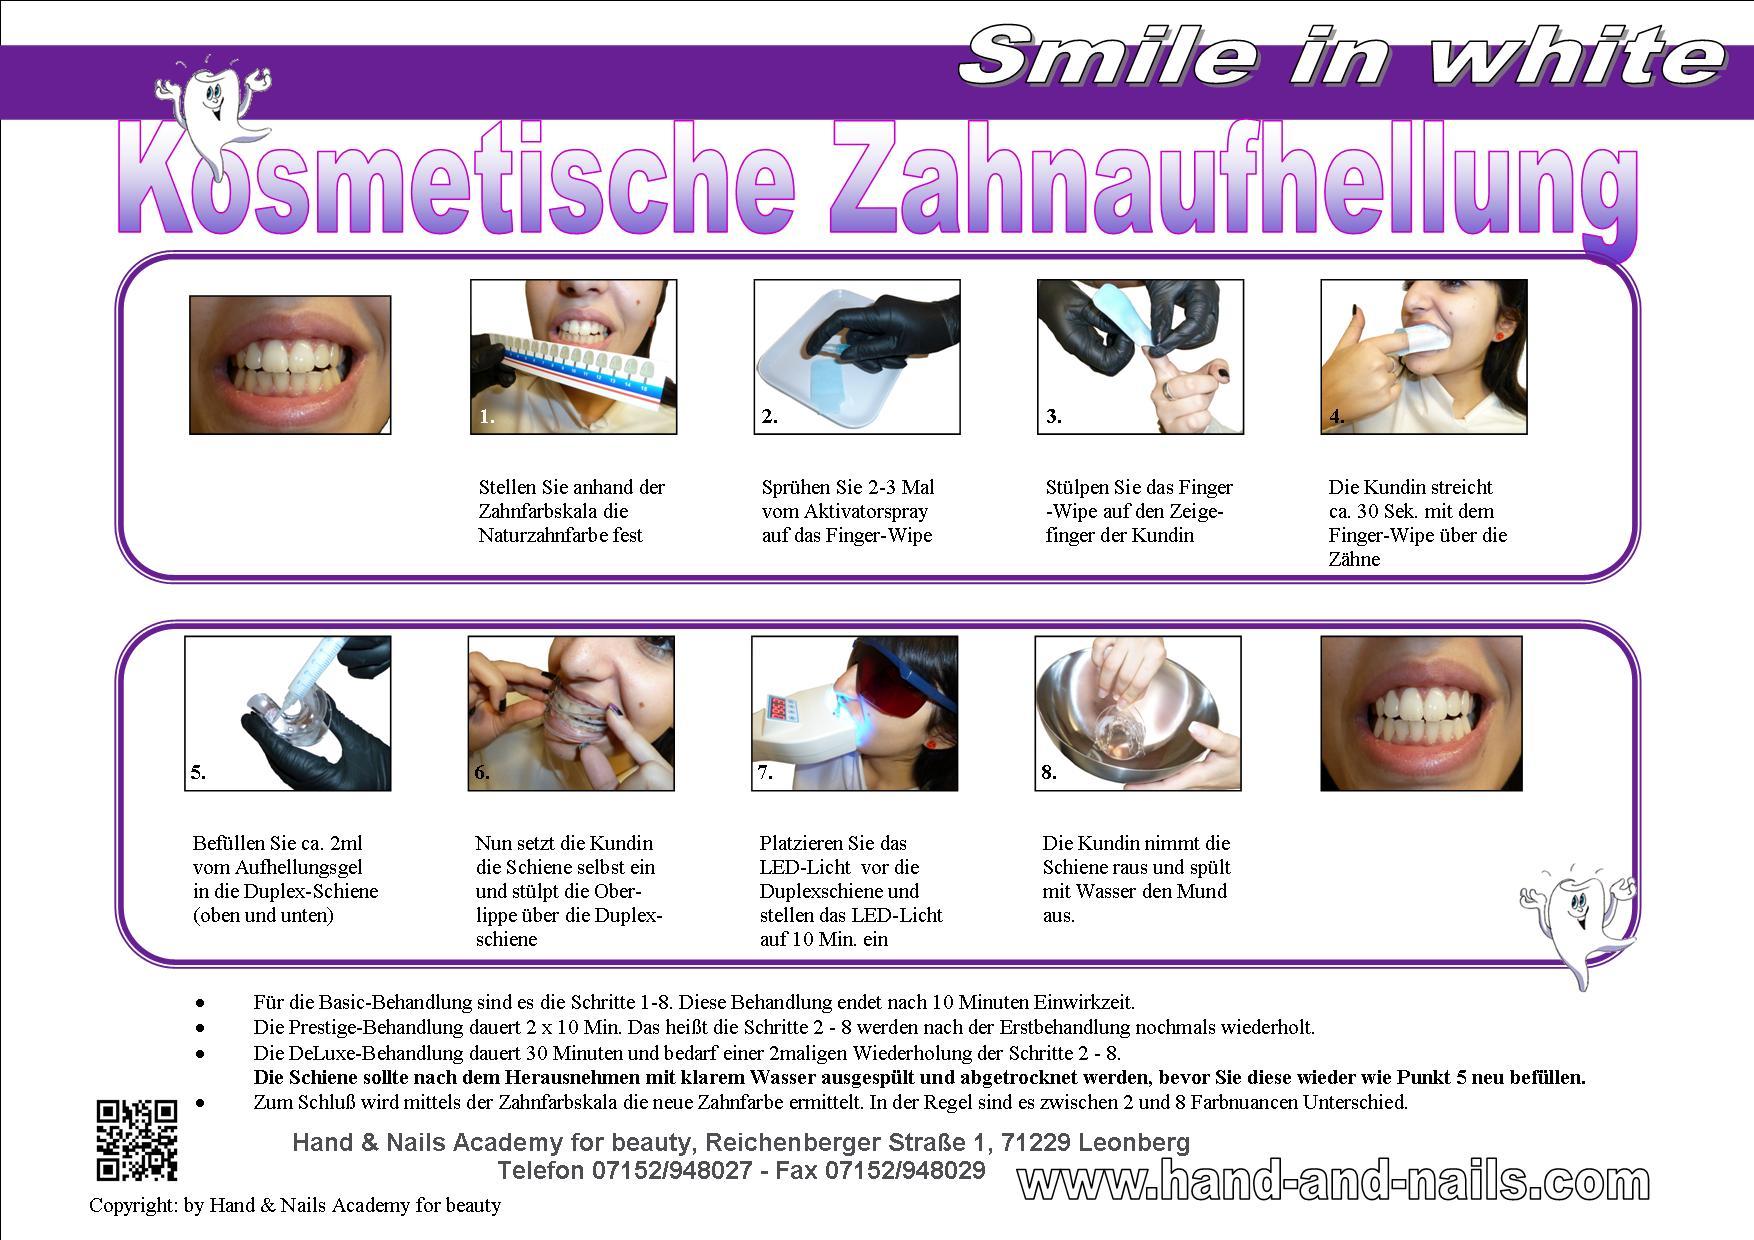 anleitung Kosmetische Zahnaufhellung